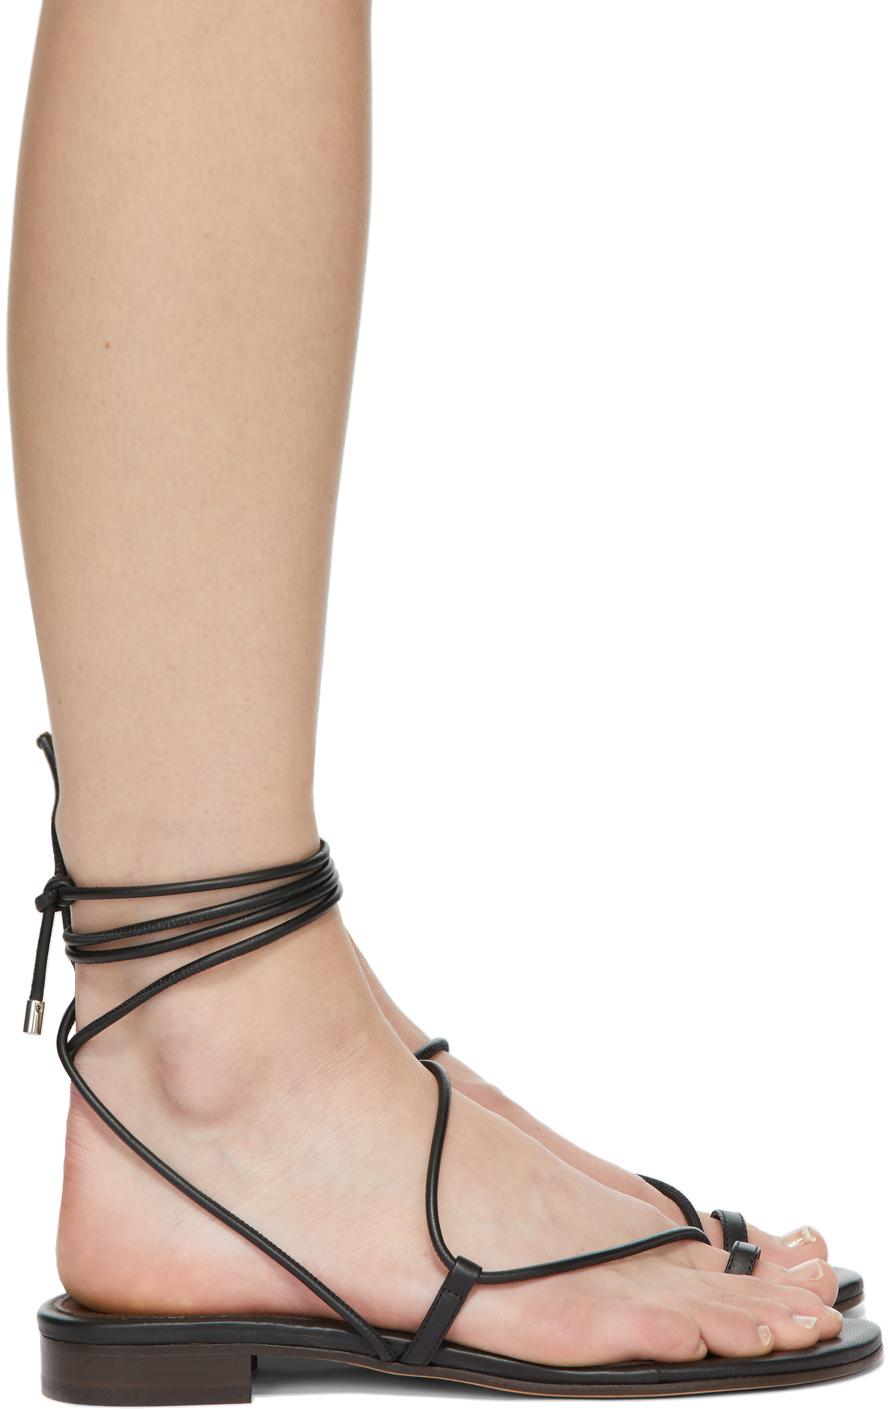 Emme Parsons 黑色 Susan 凉鞋